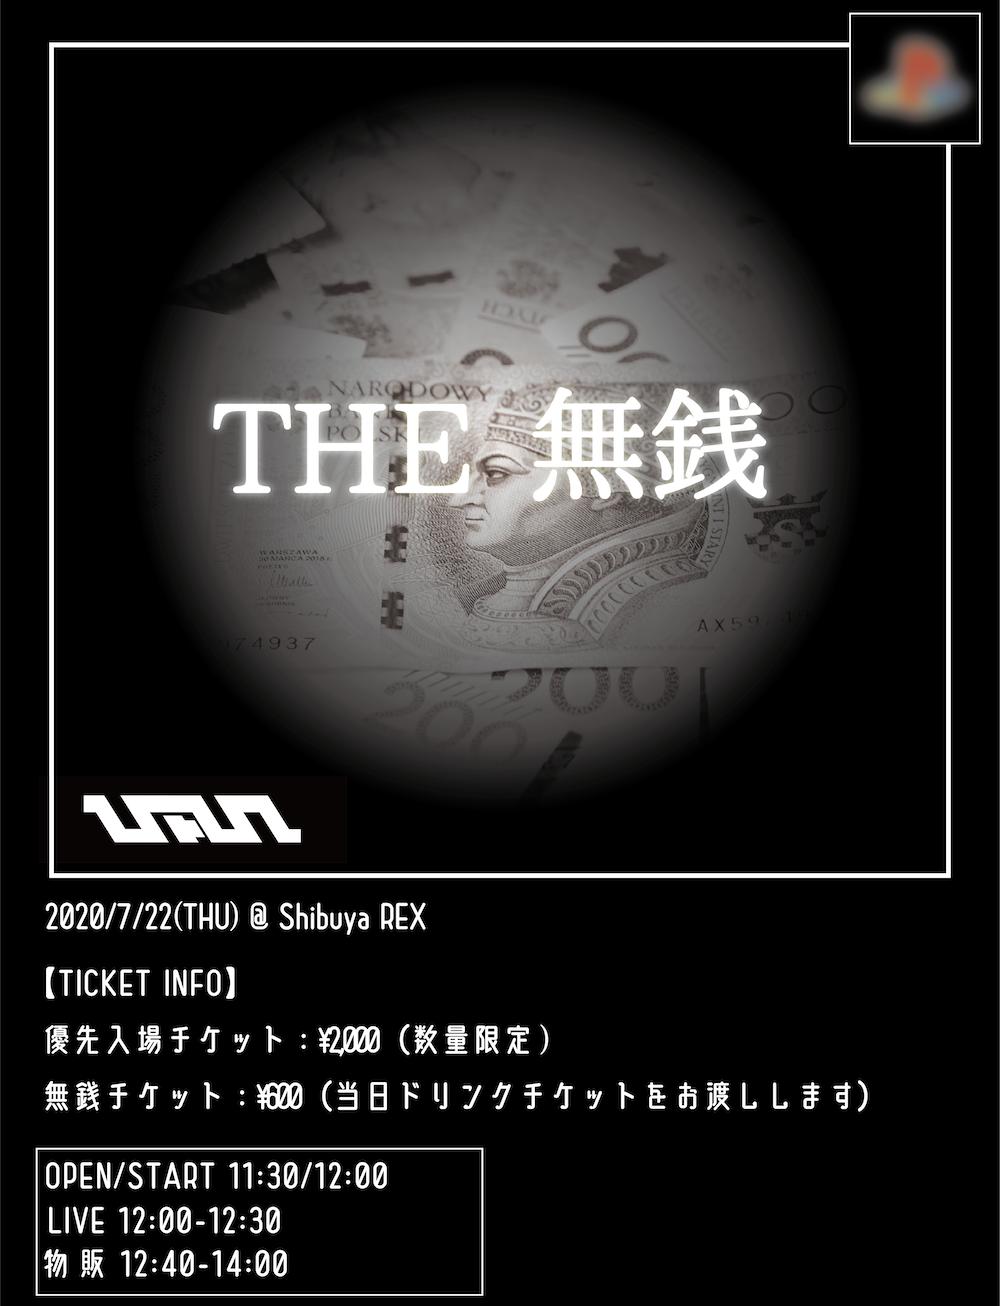 THE 無銭